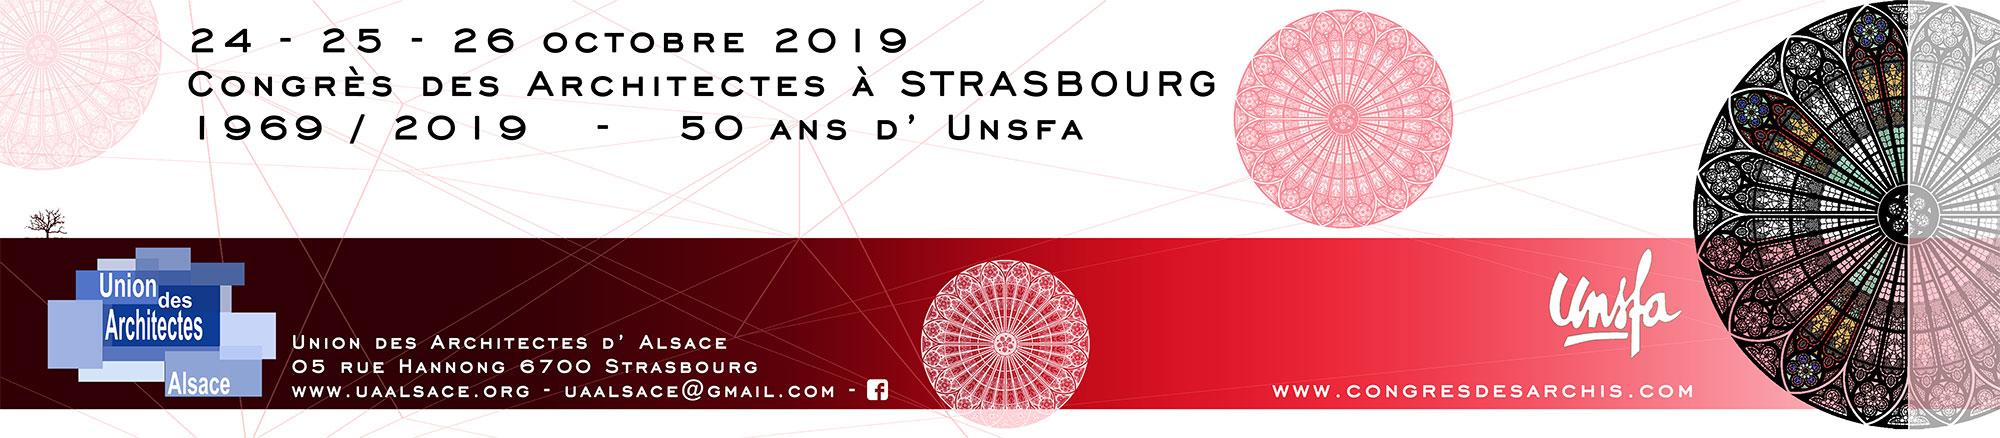 Congrès des architectes 2019